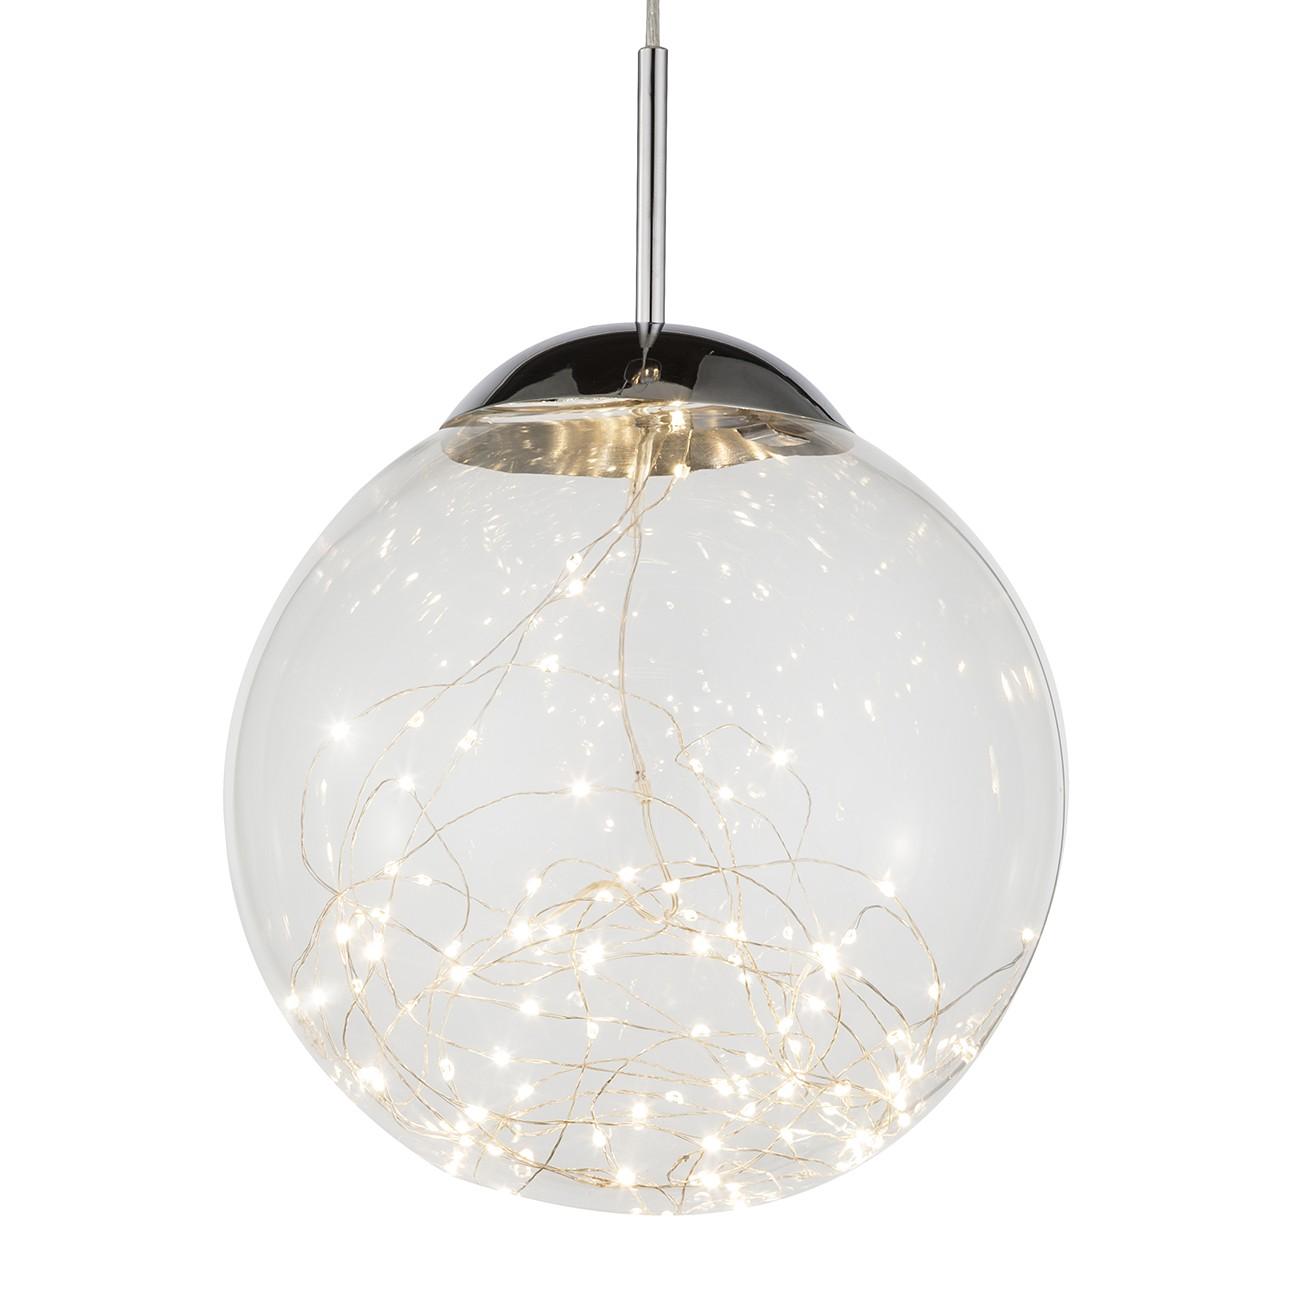 home24 LED-Pendelleuchte Manam | Lampen > Deckenleuchten > Pendelleuchten | Globo Lighting